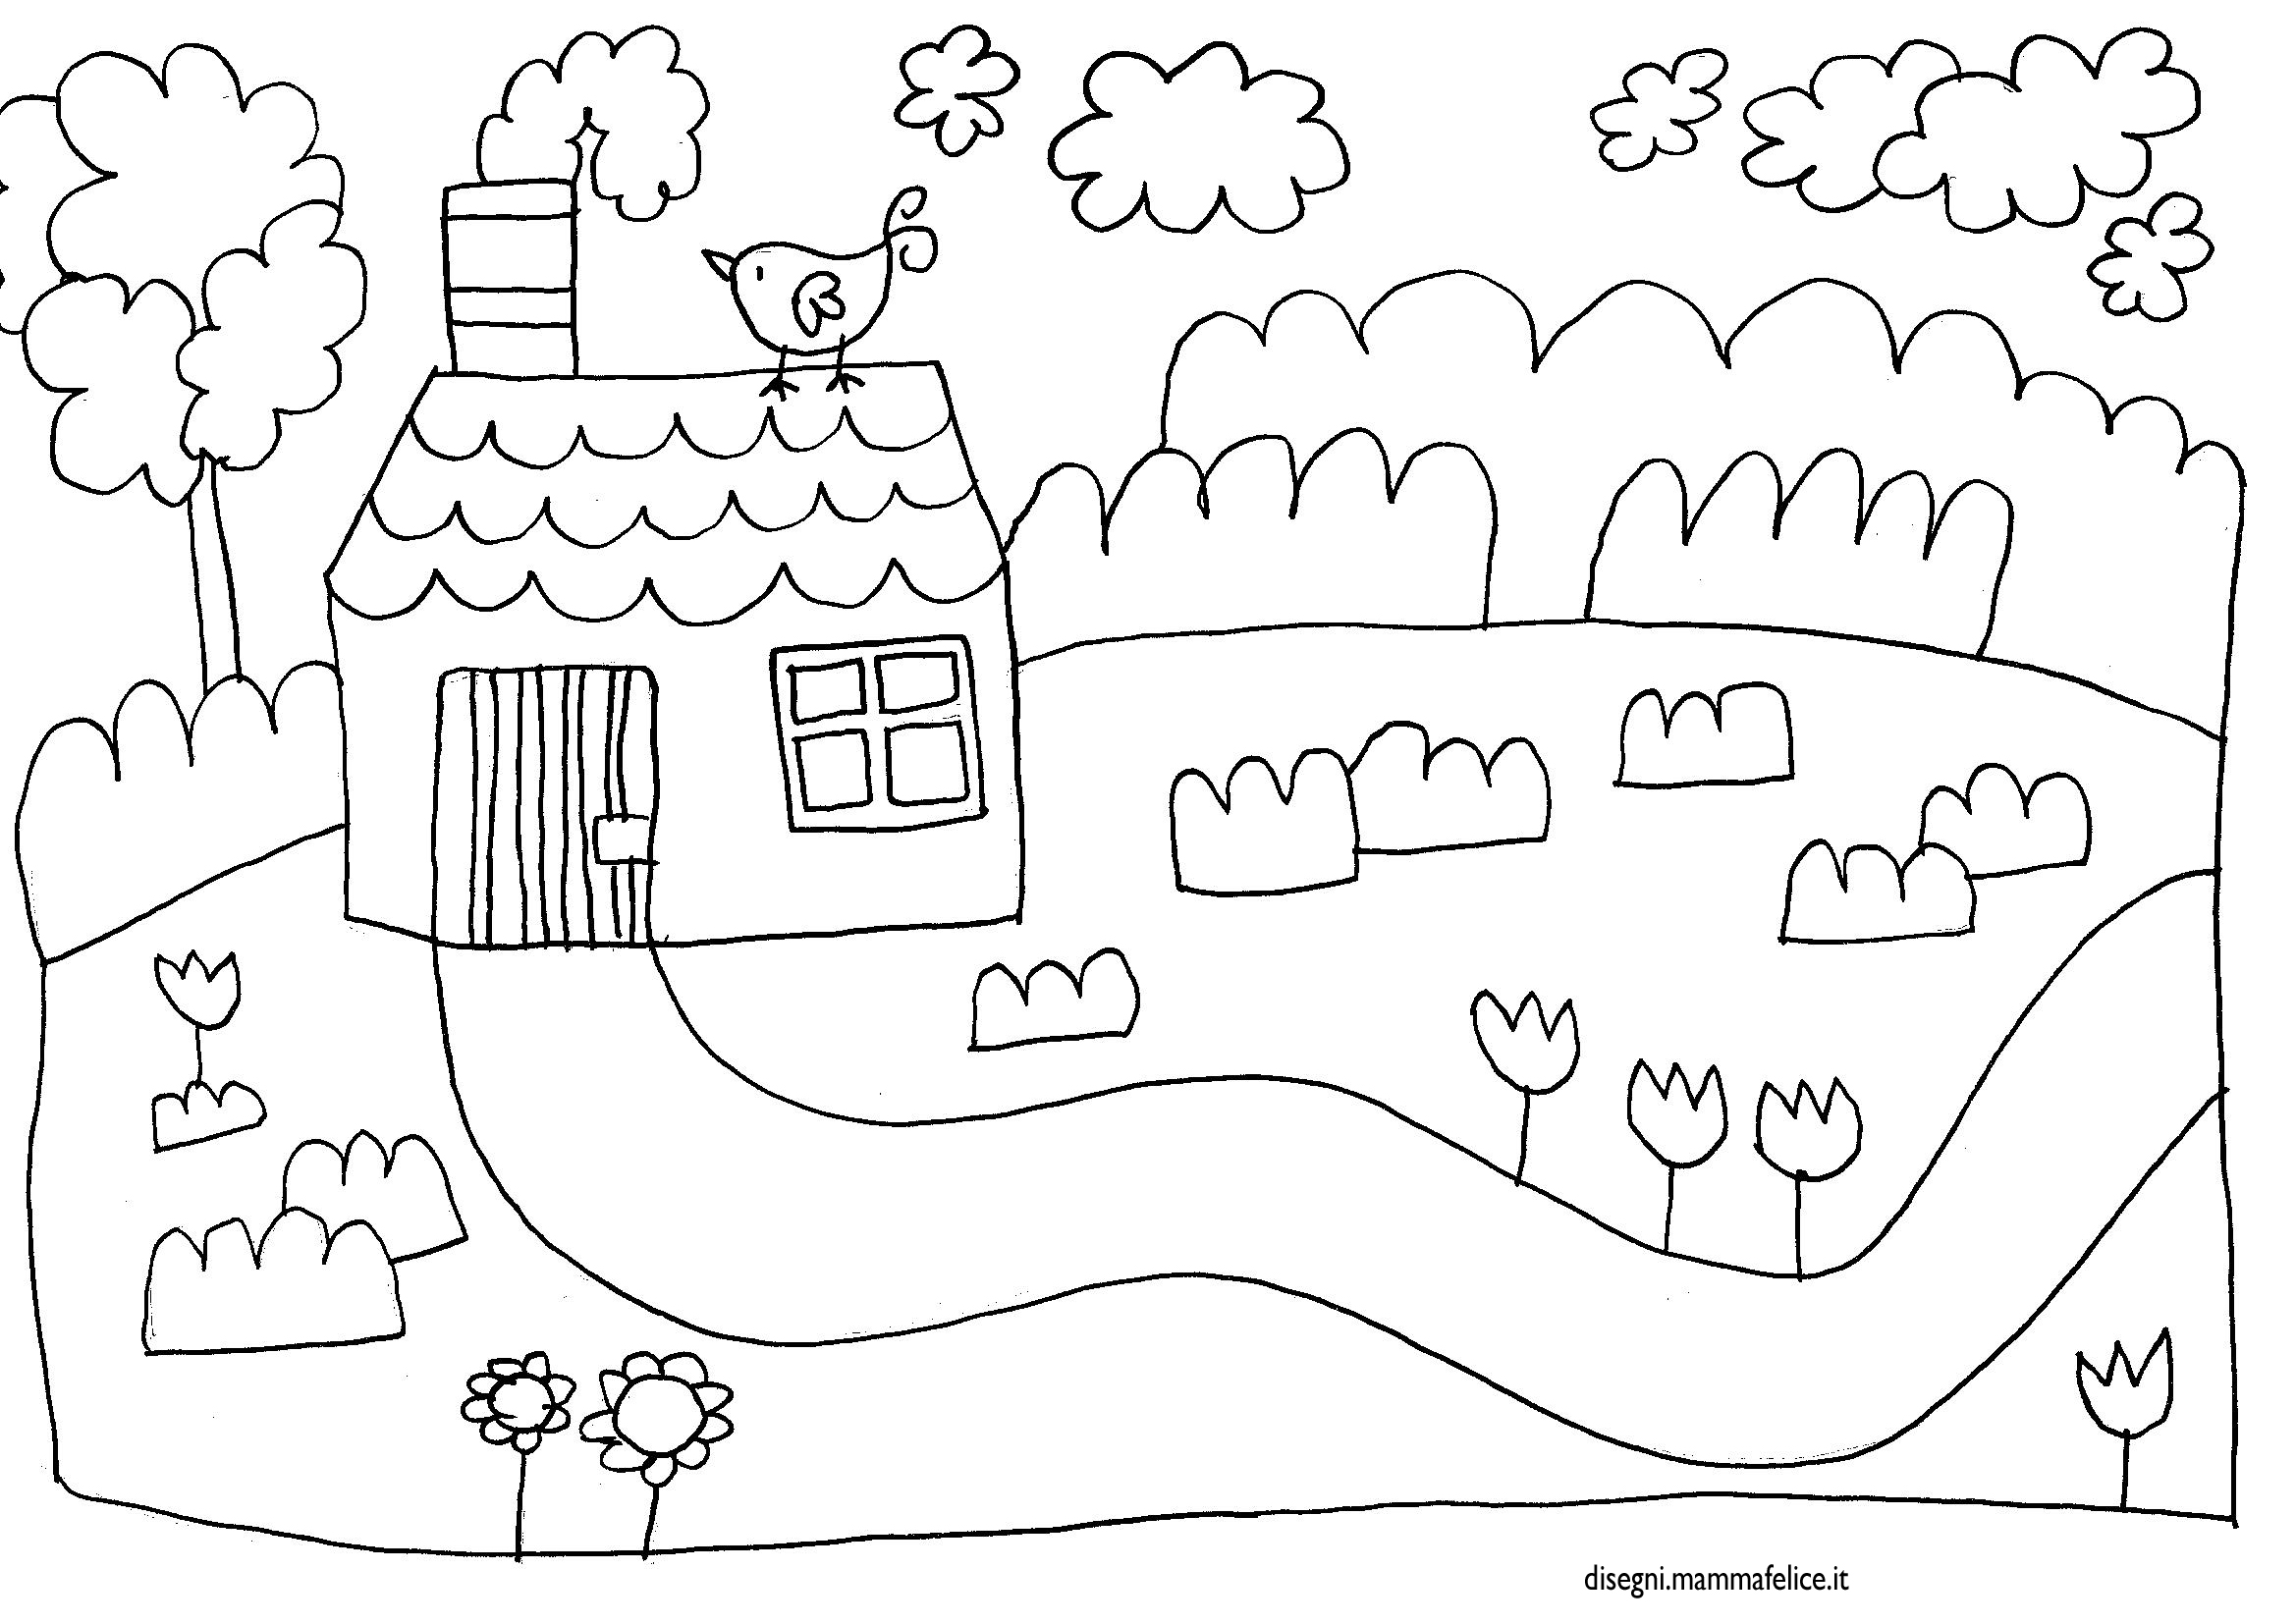 Disegno da colorare casetta disegni mammafelice - Colorare la casa ...